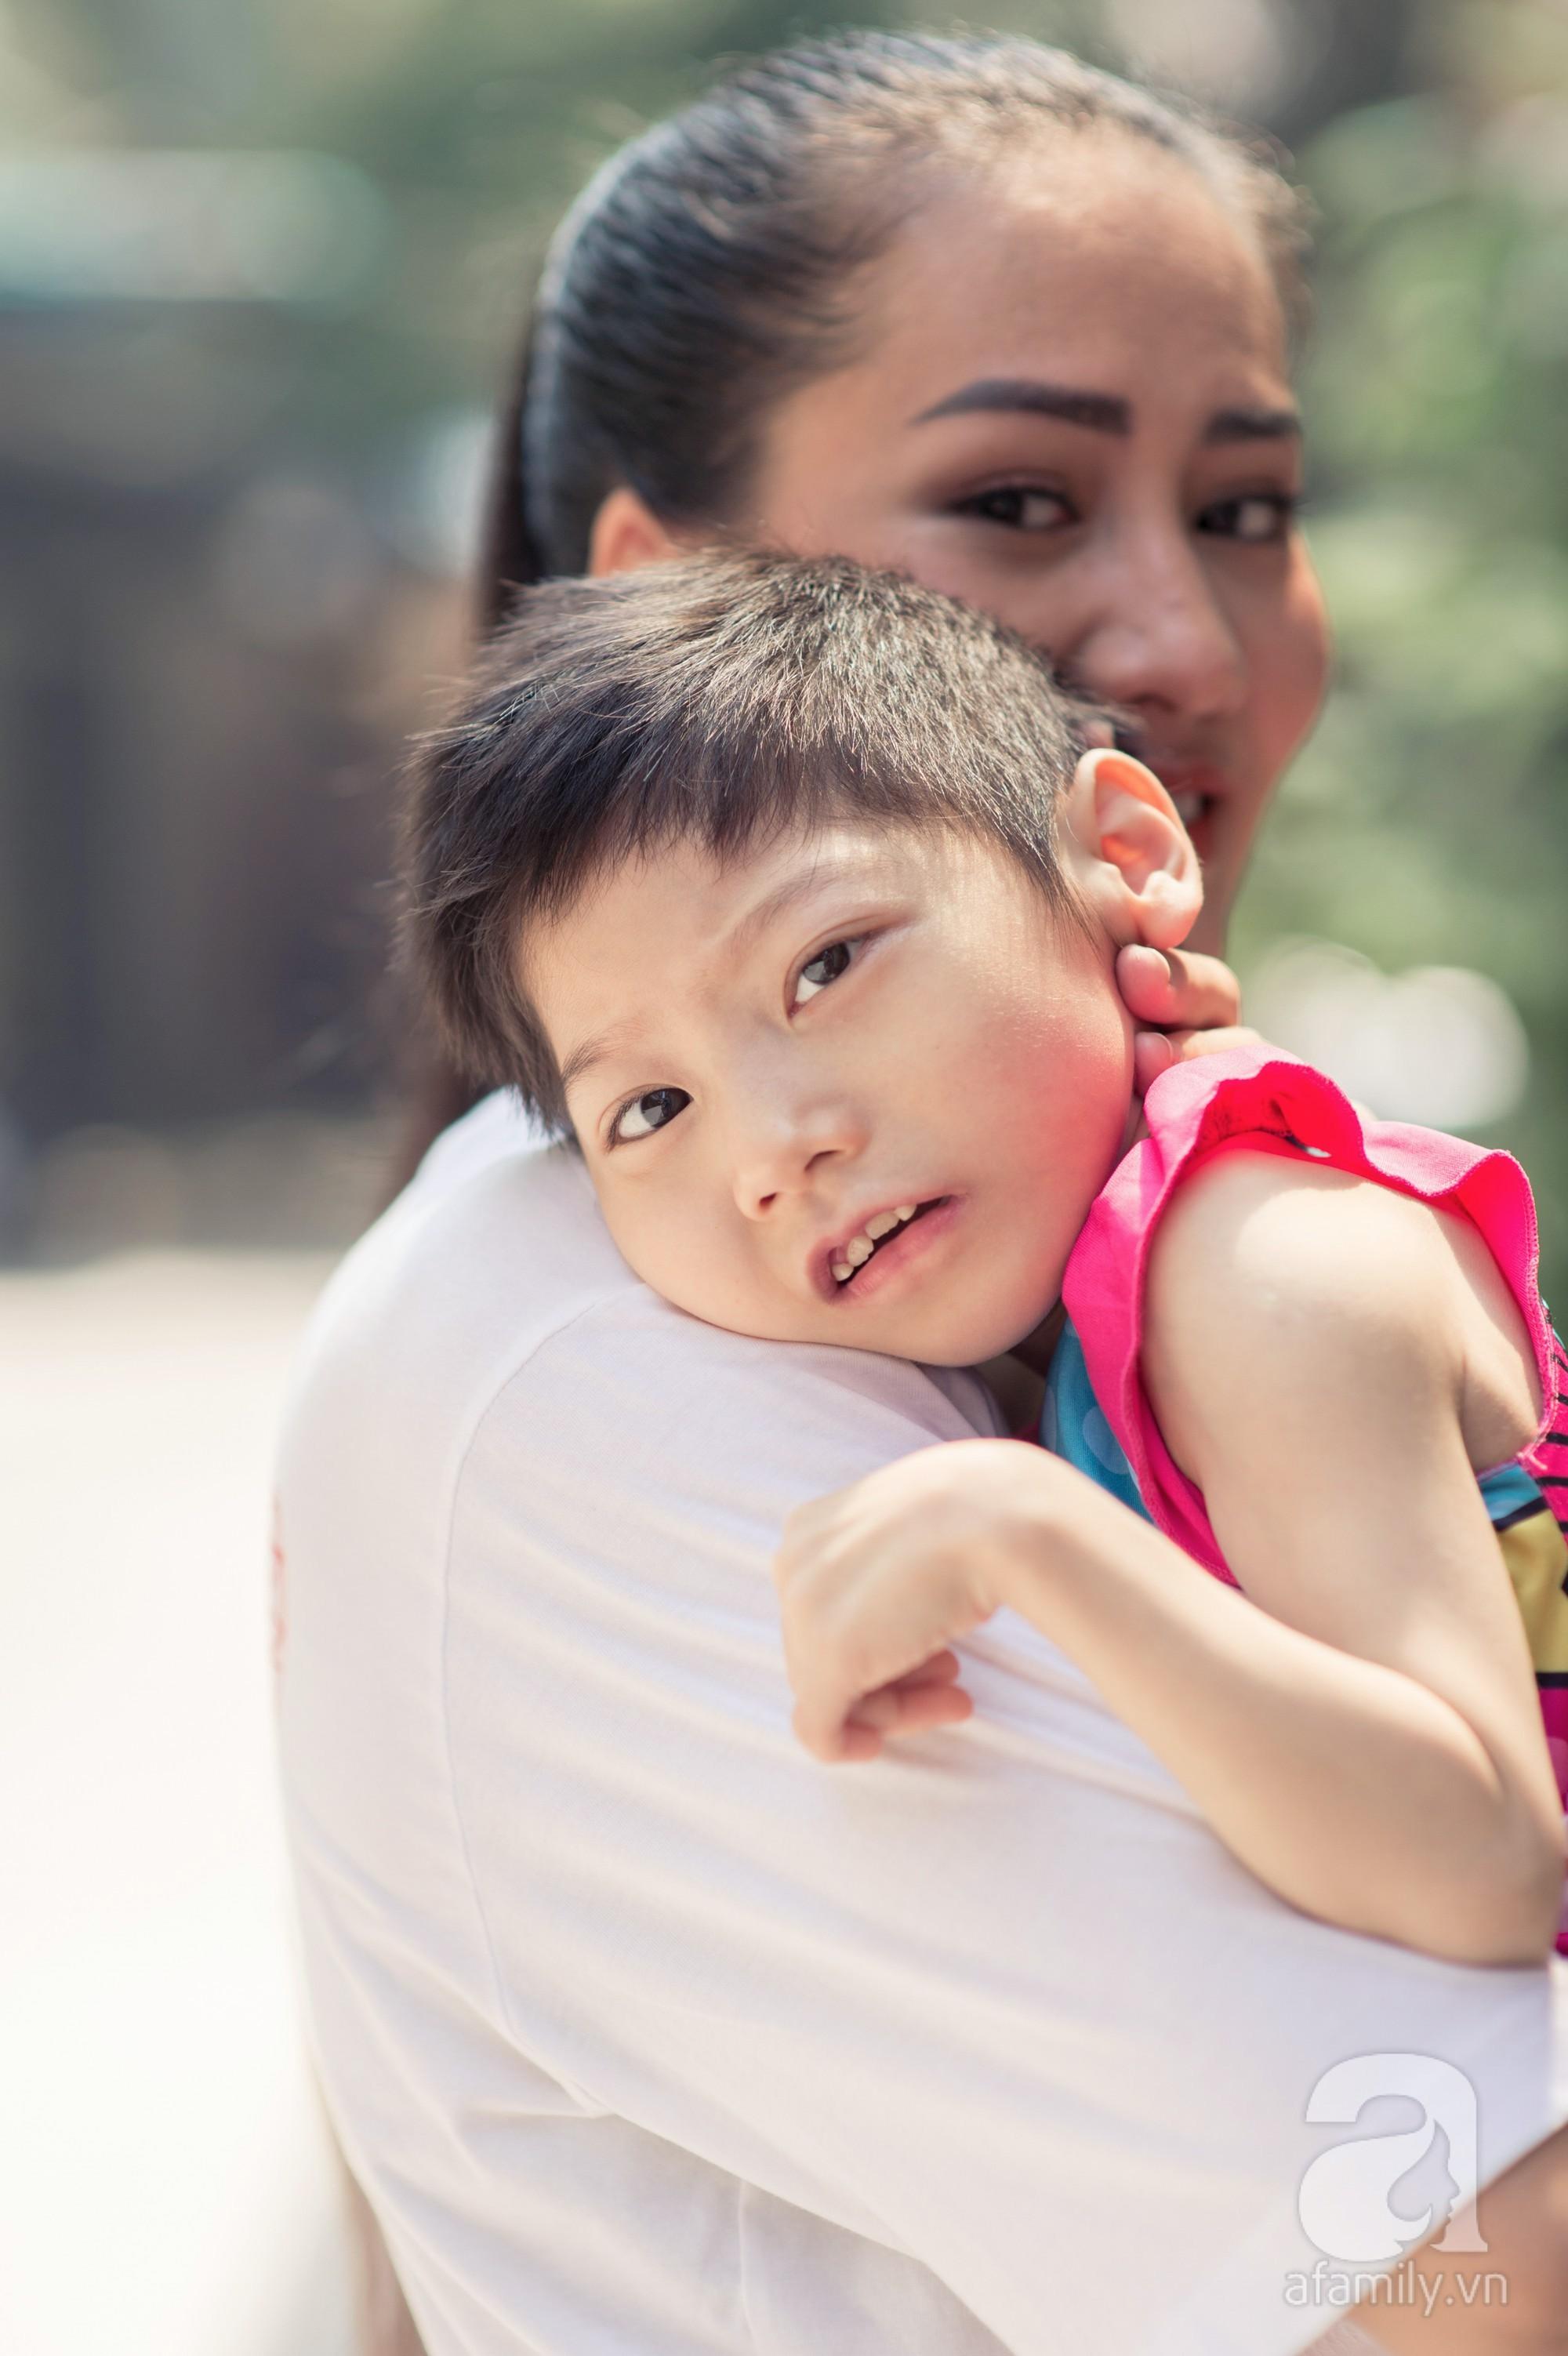 Minh Cúc Về nhà đi con kể về bạn trai từng nghĩ chỉ yêu chơi: Anh ấy muốn làm bố, nhưng tôi không thể sinh con-8